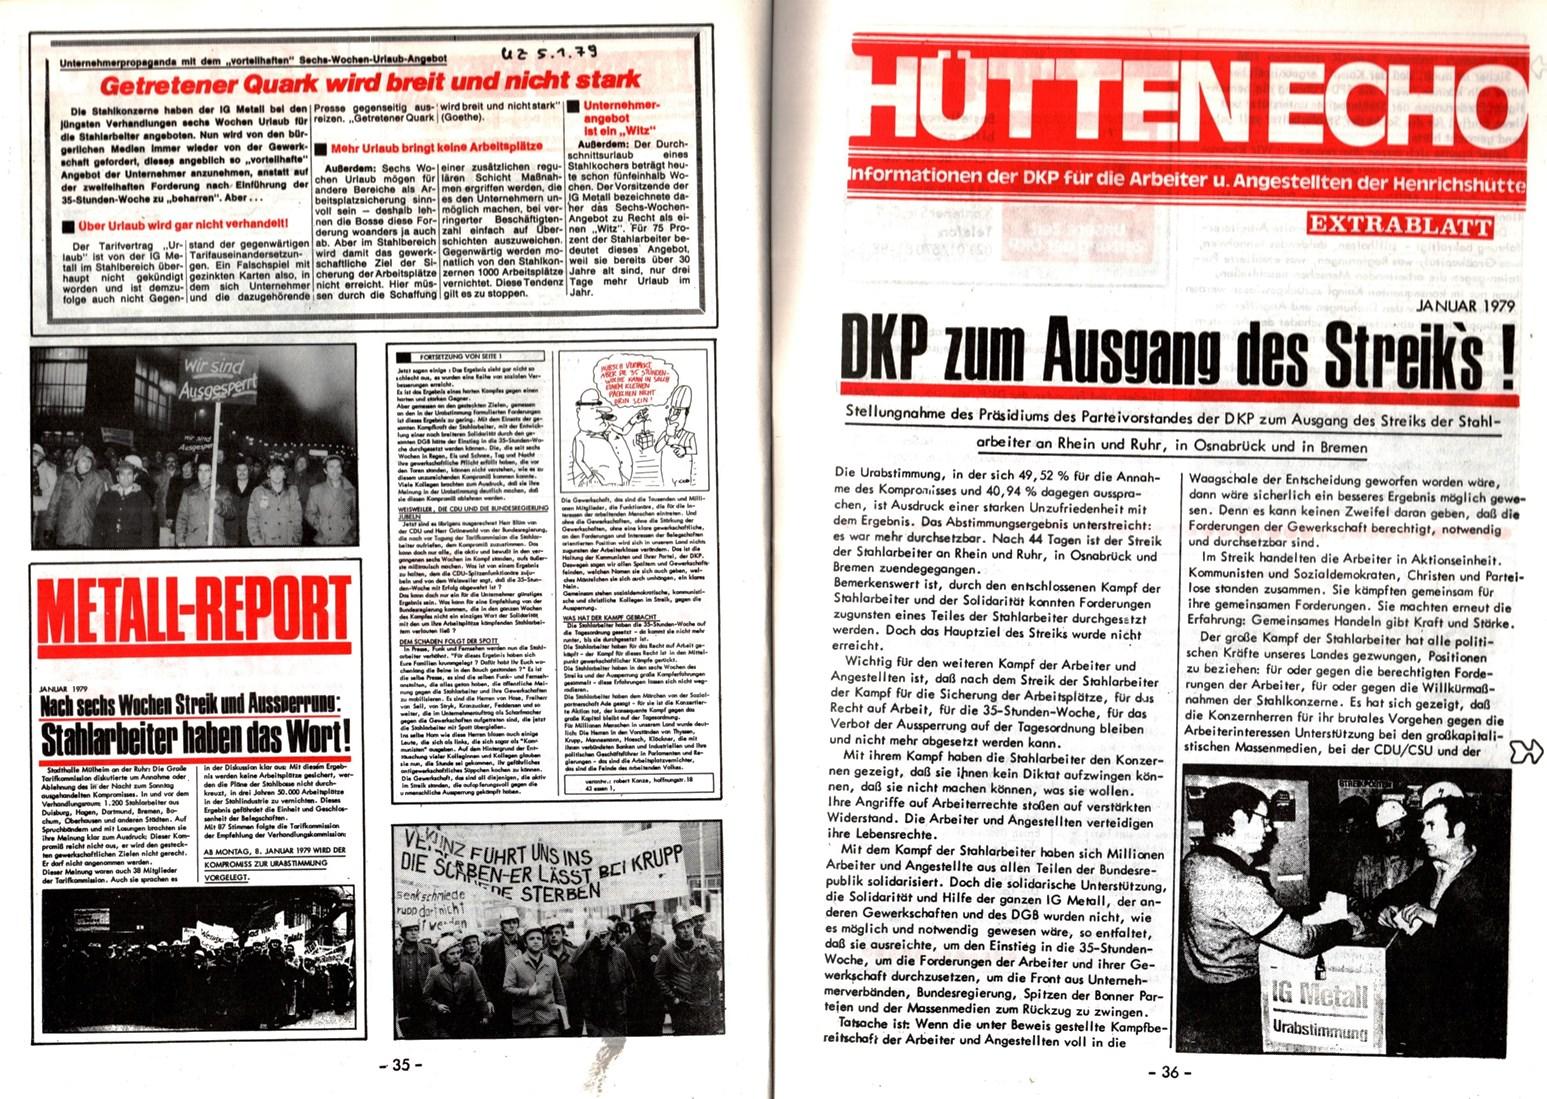 NRW_DKP_Stahlarbeiterstreik_1978_1979_019